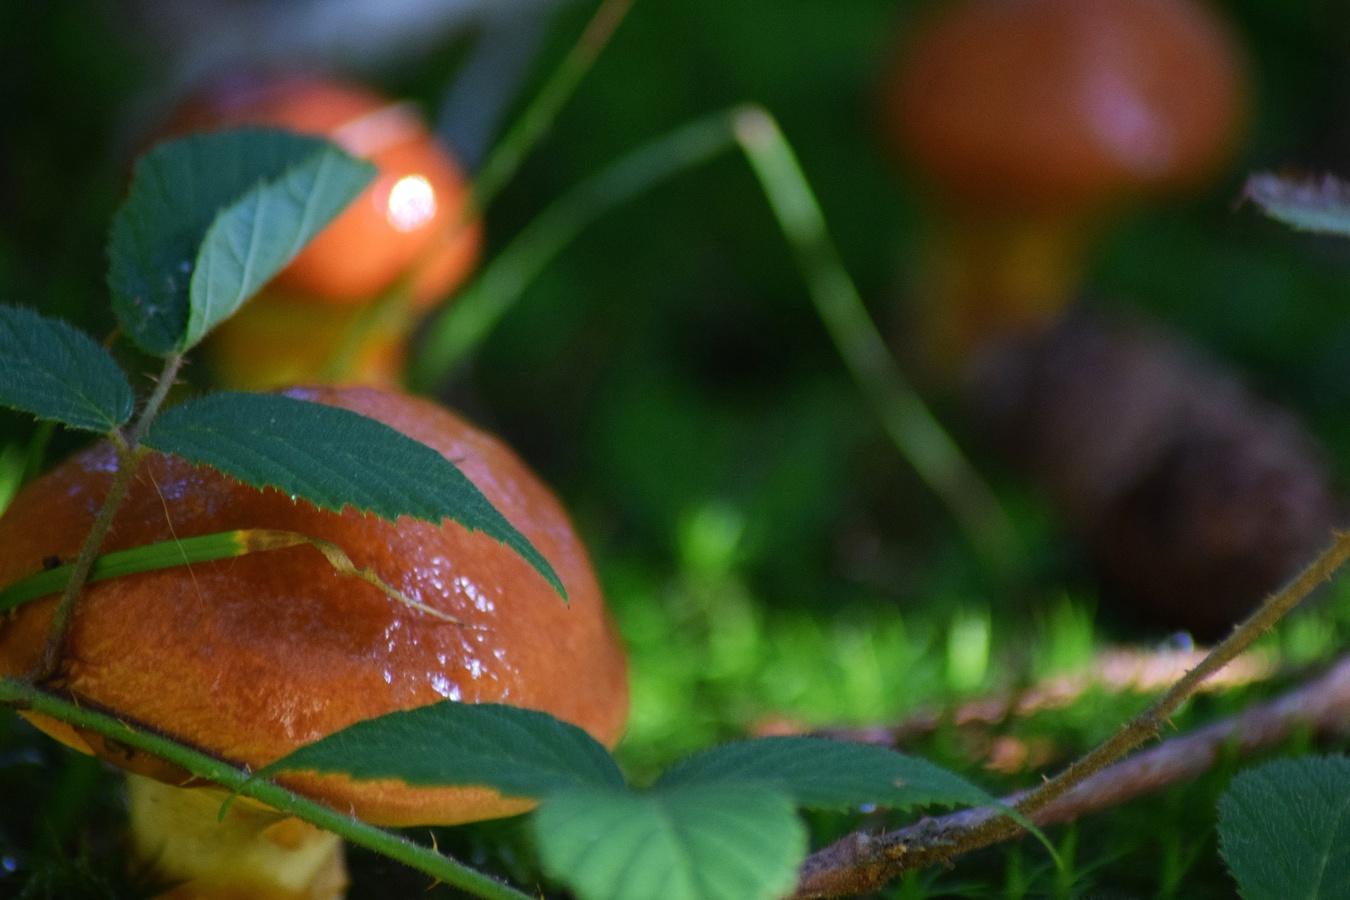 Plody lesa